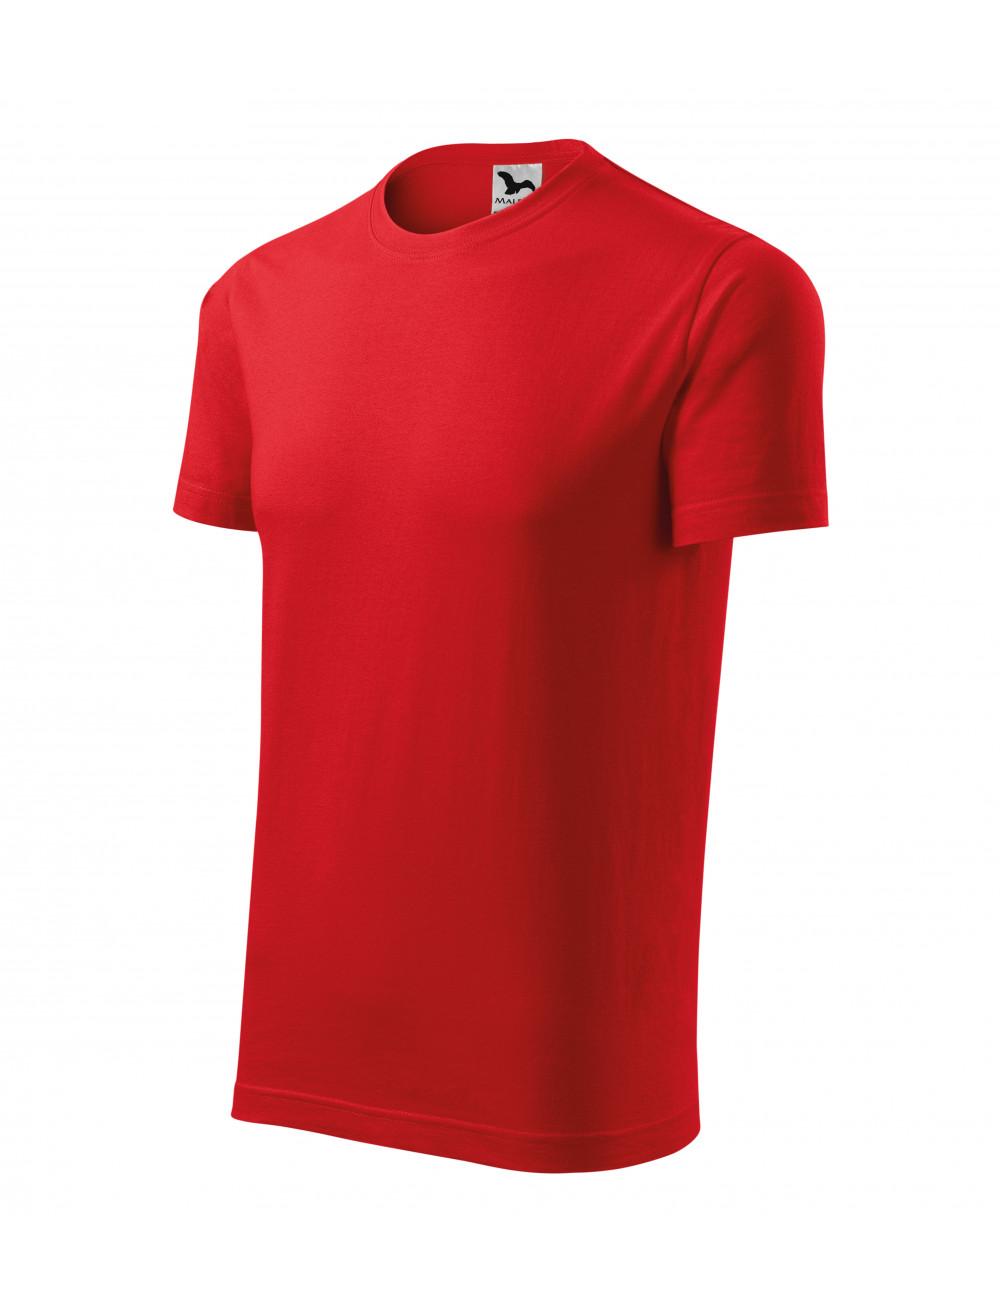 Adler MALFINI Koszulka unisex Element 145 czerwony